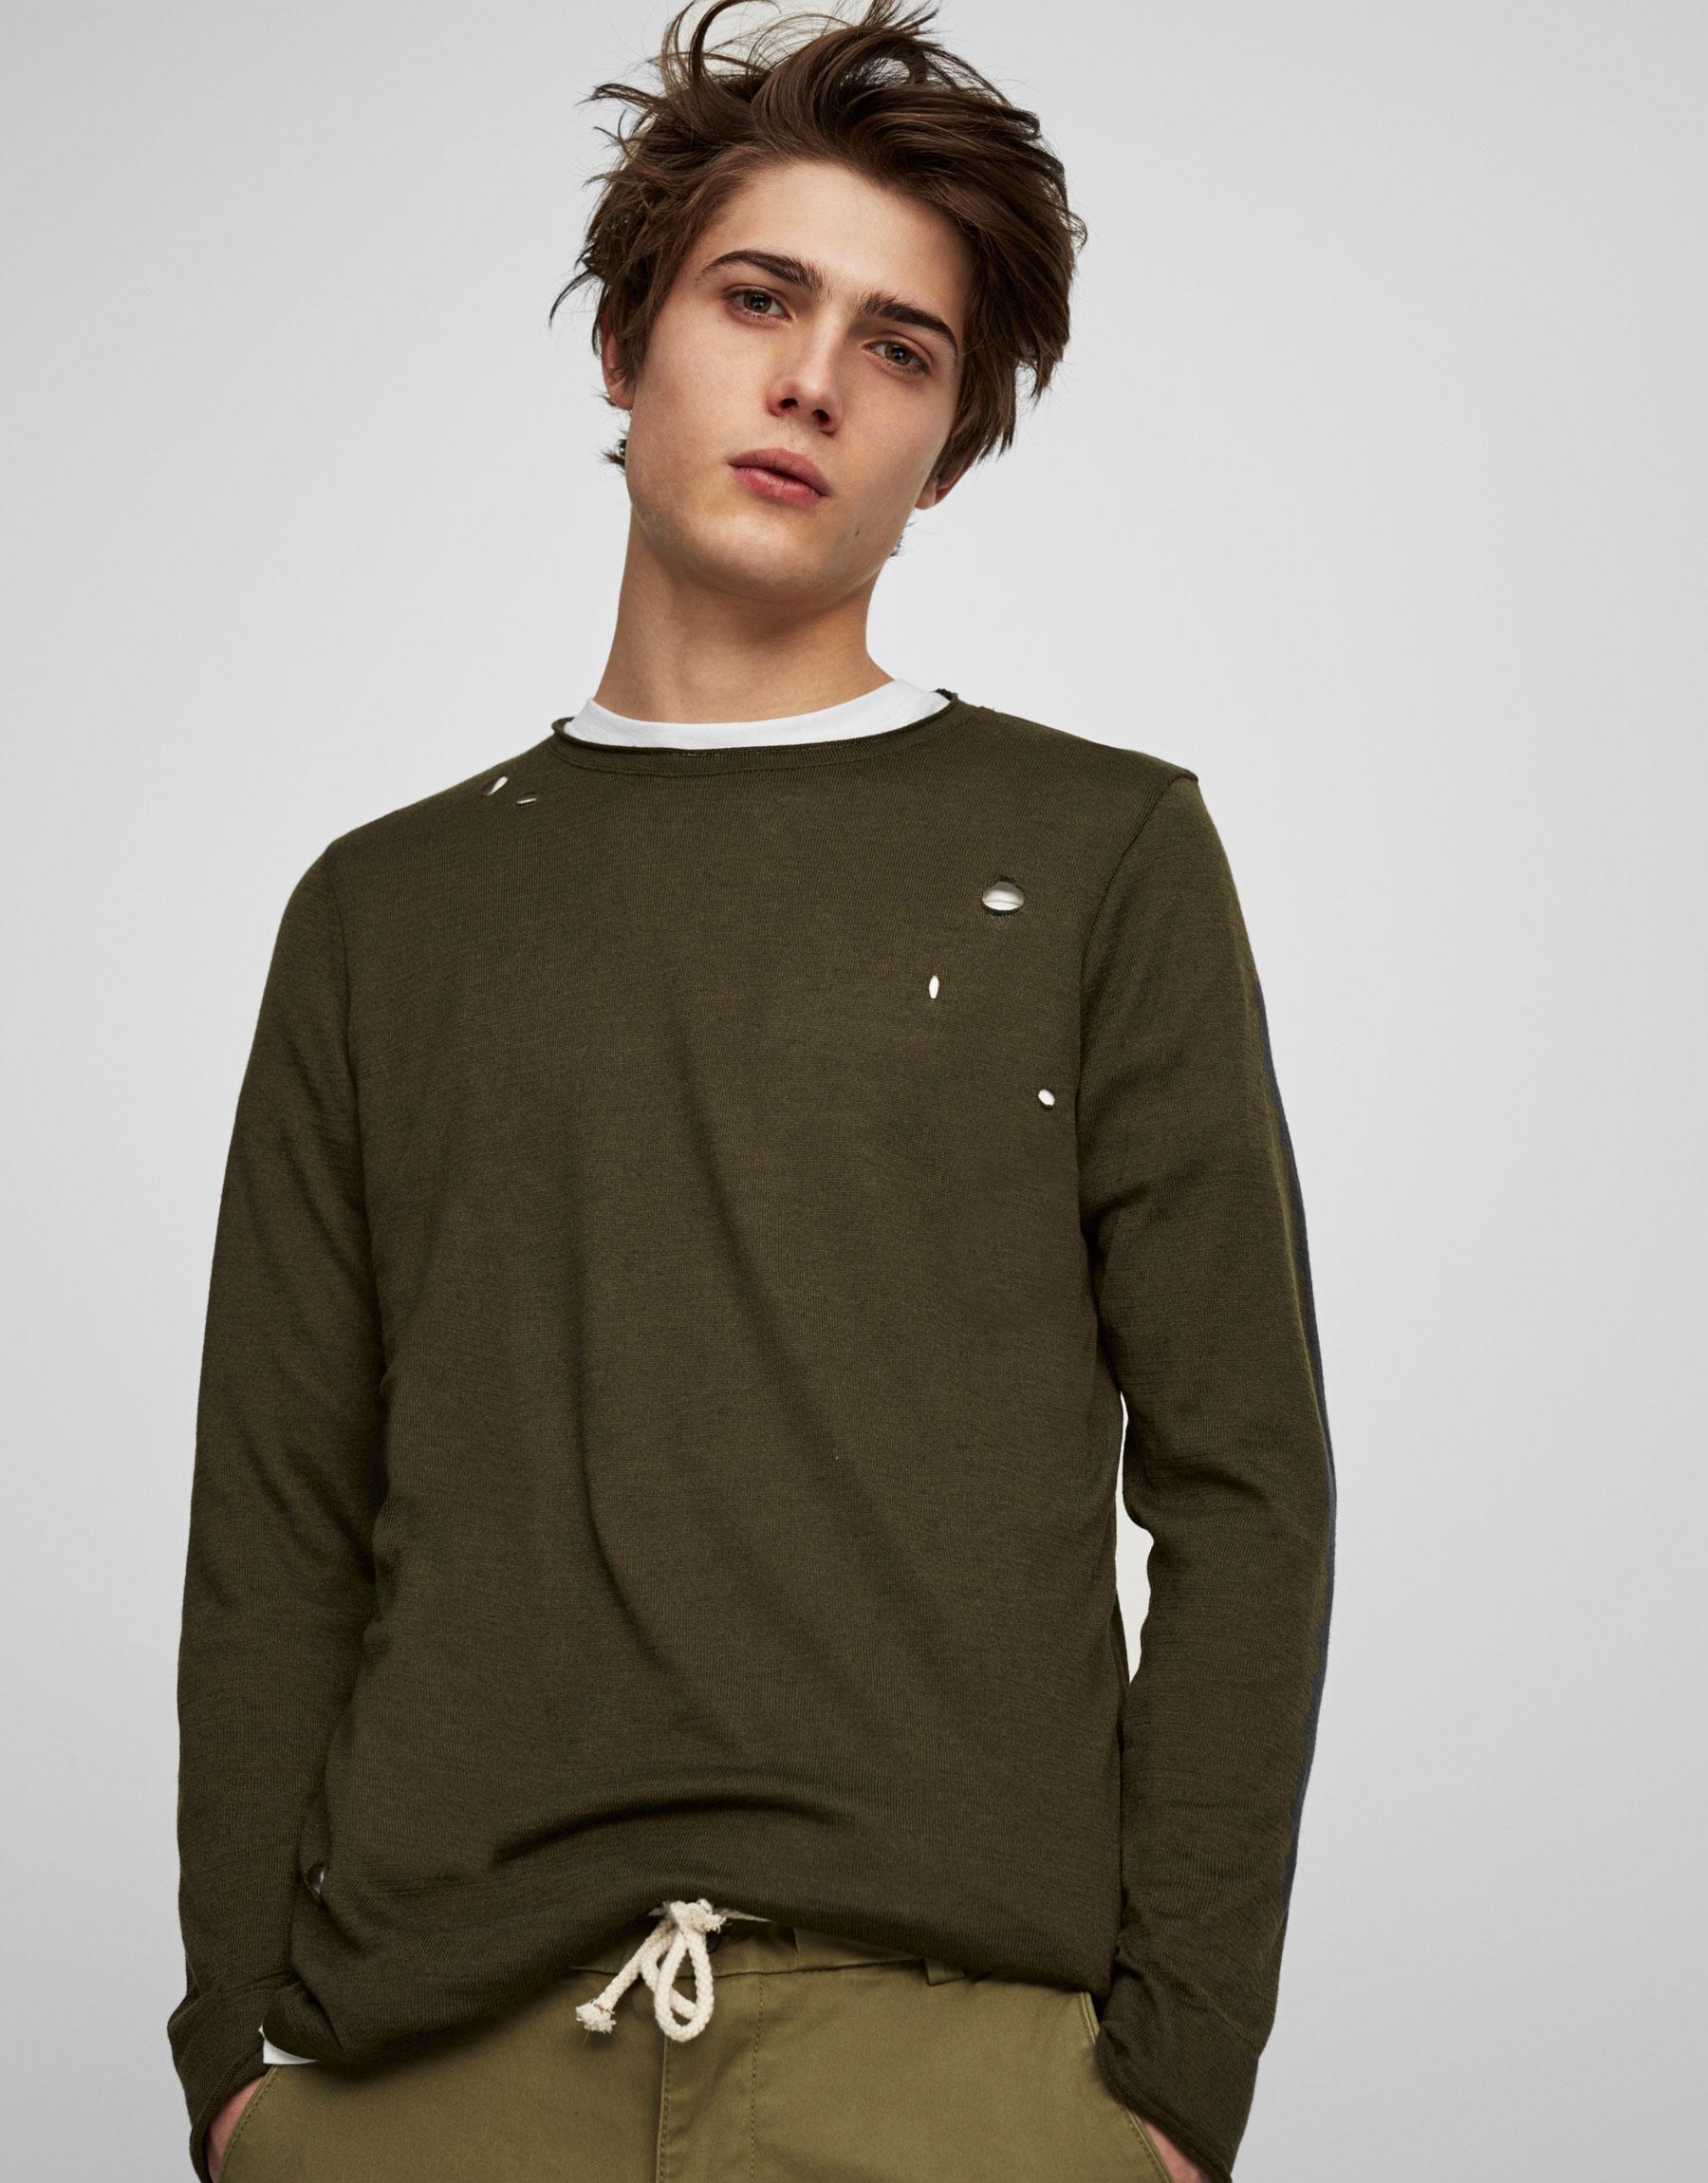 Camisa com rasgões e gola redonda